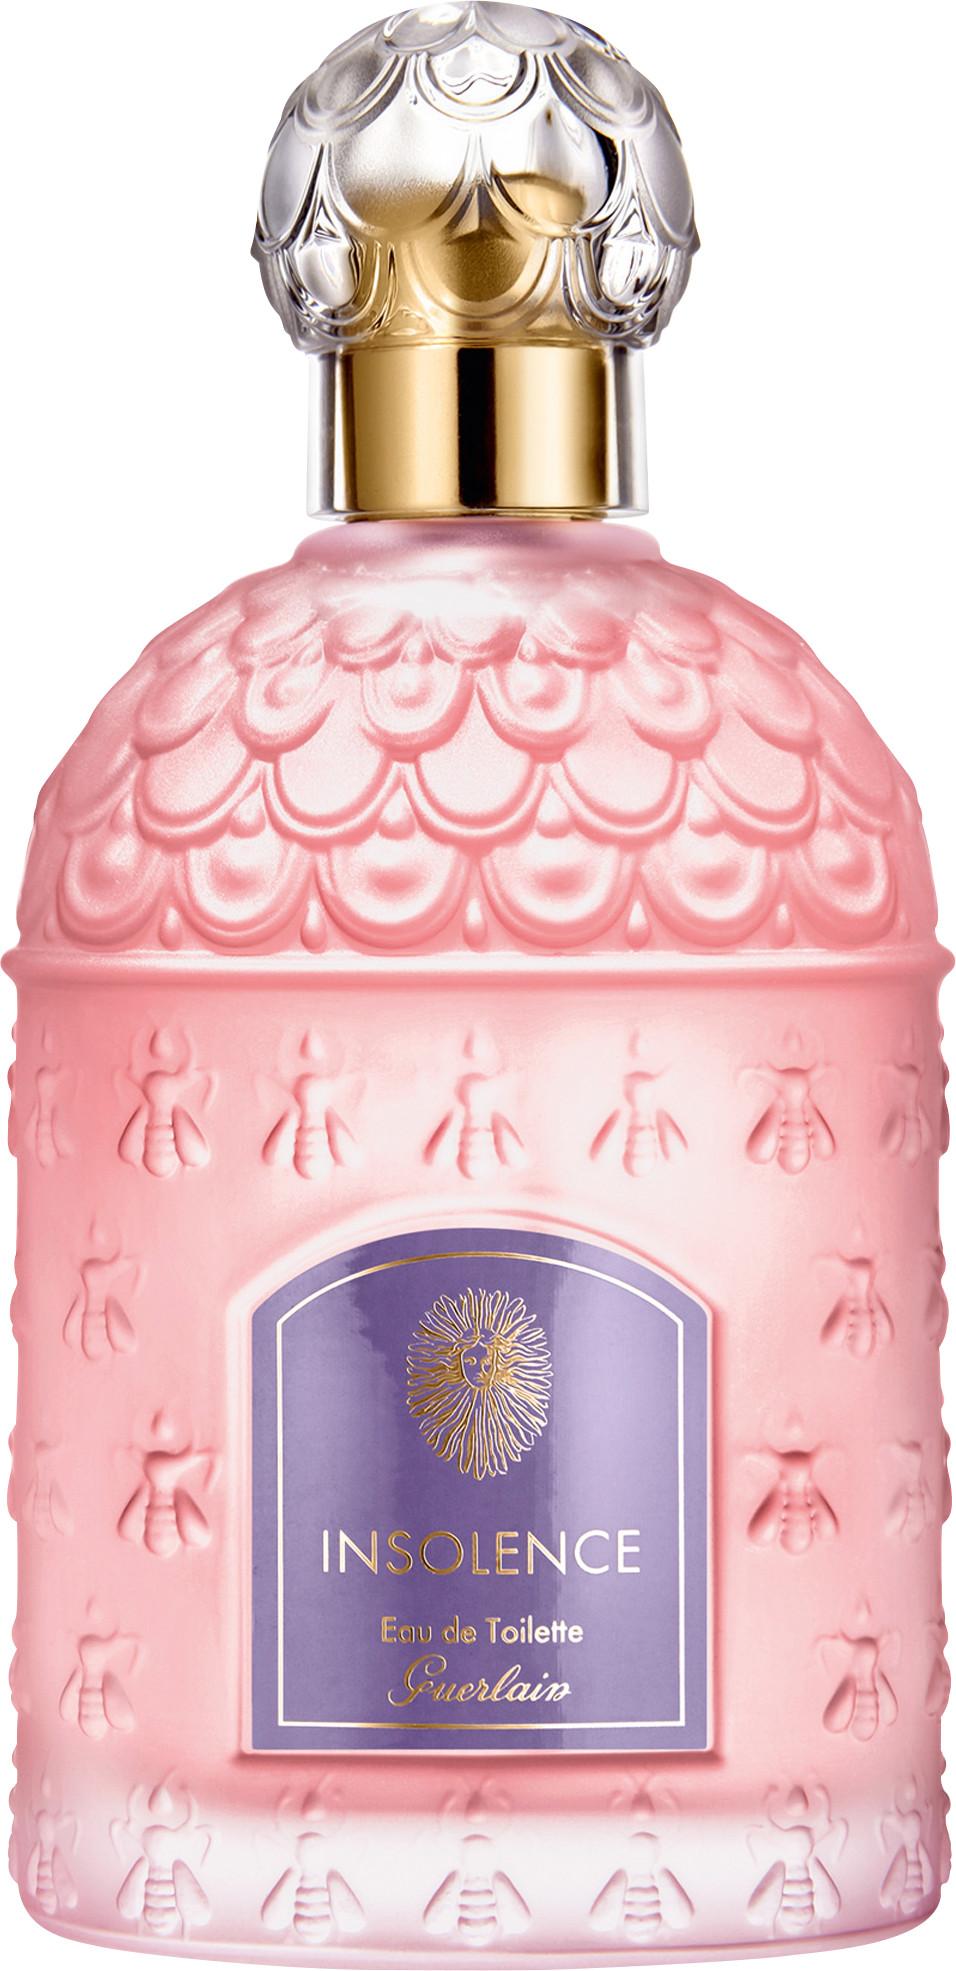 insolence eau parfum